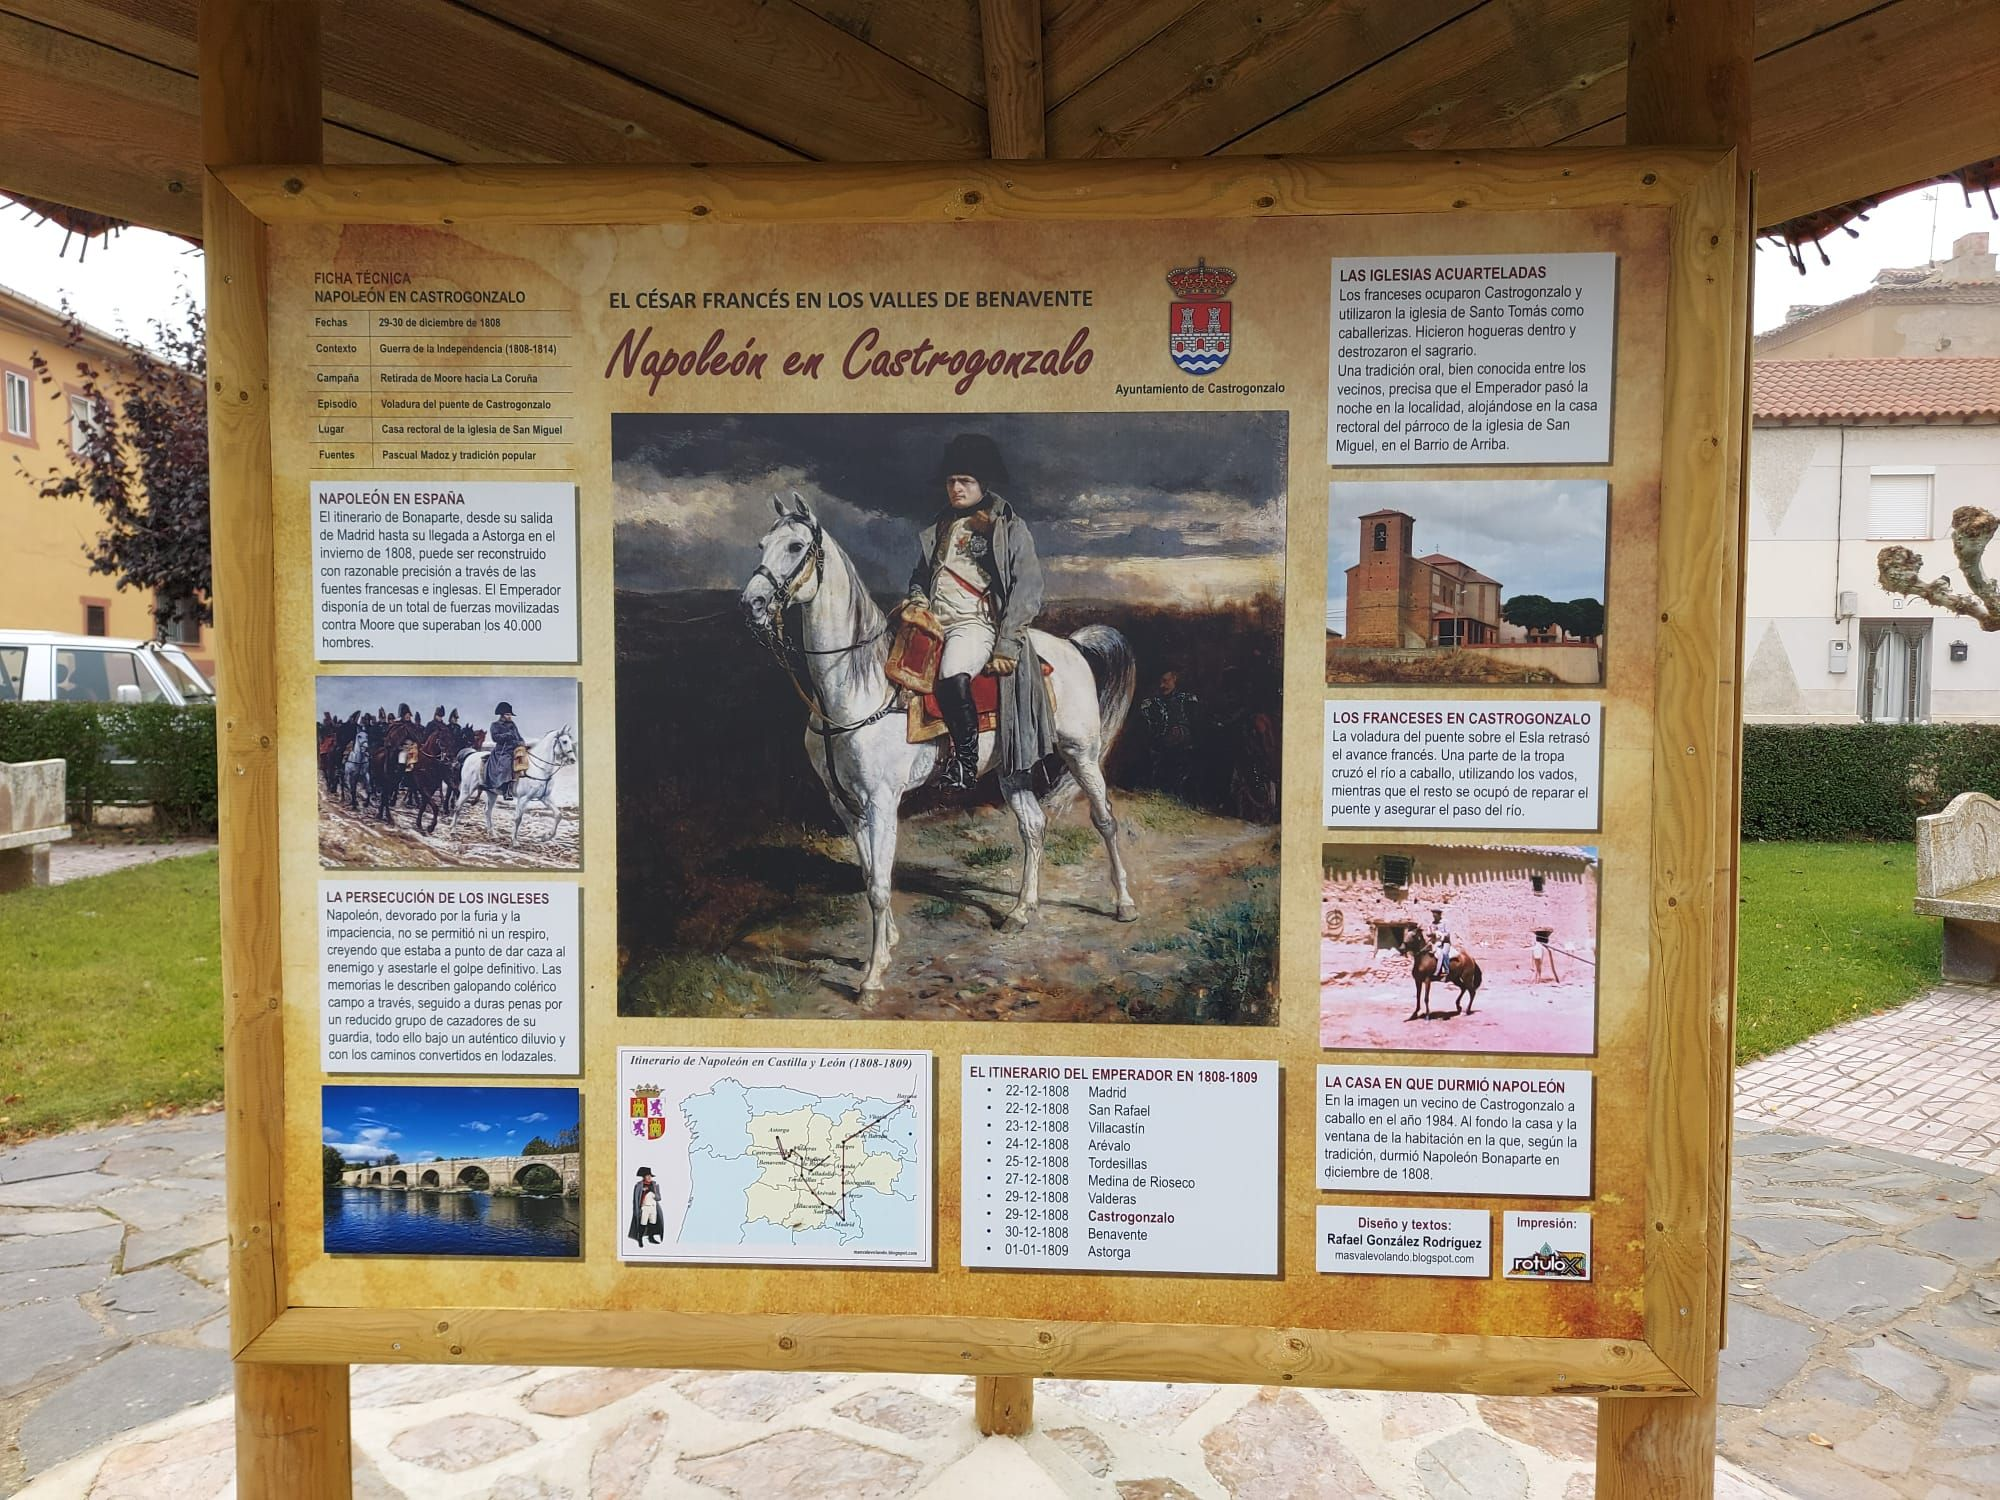 La Carrera de Benavente y la llegada de Napoleón persiguiendo a los ingleses.